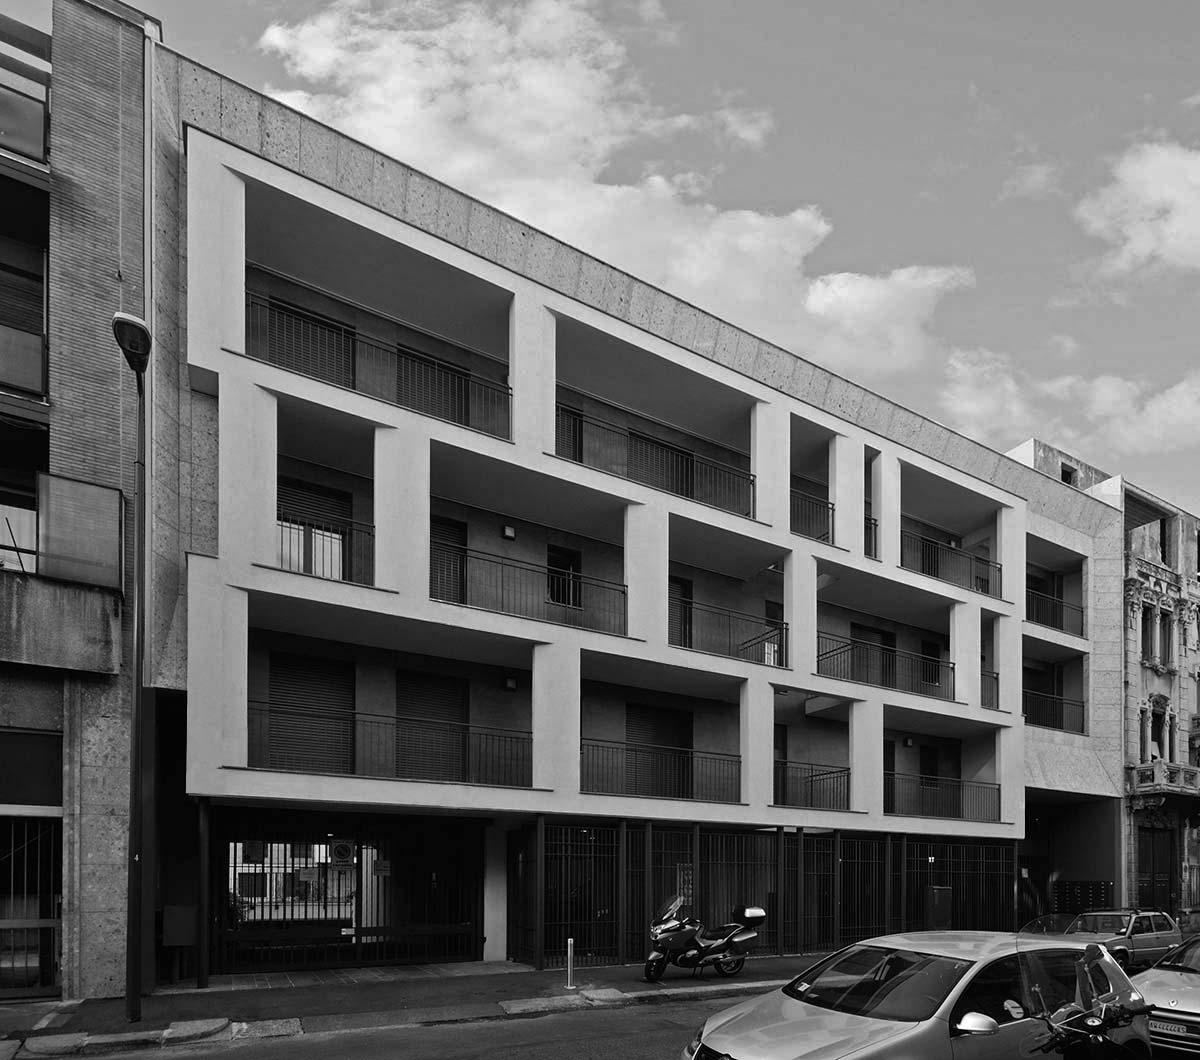 Degli-Esposti-Architetti-Milan-Residenze-Teia-02_